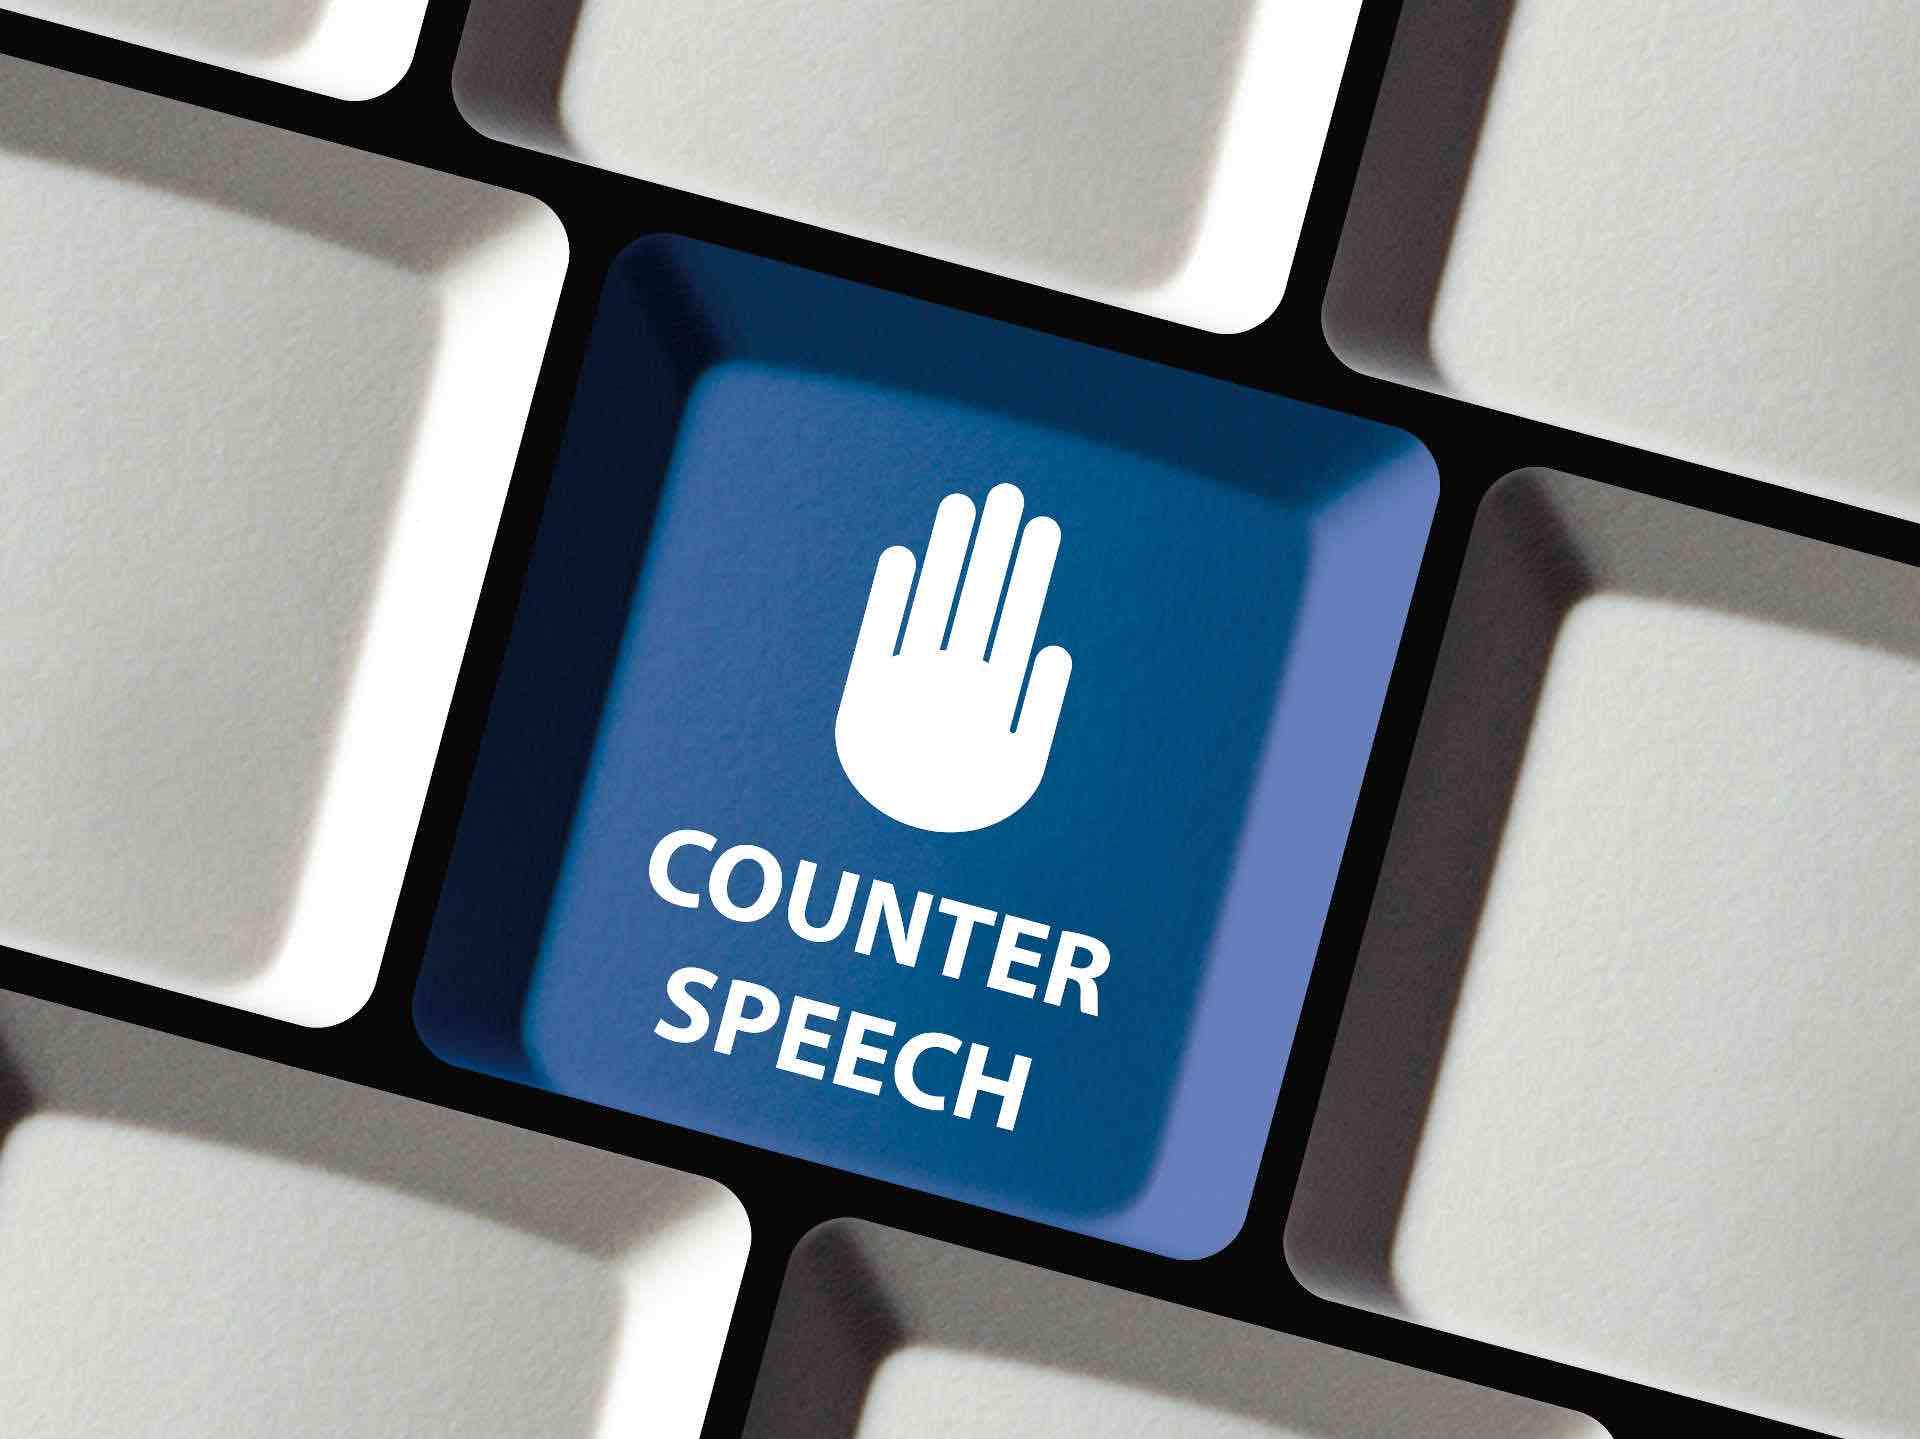 Tast_einer_PC-Tastatur_mit_dem_Wort_Counter_Speech